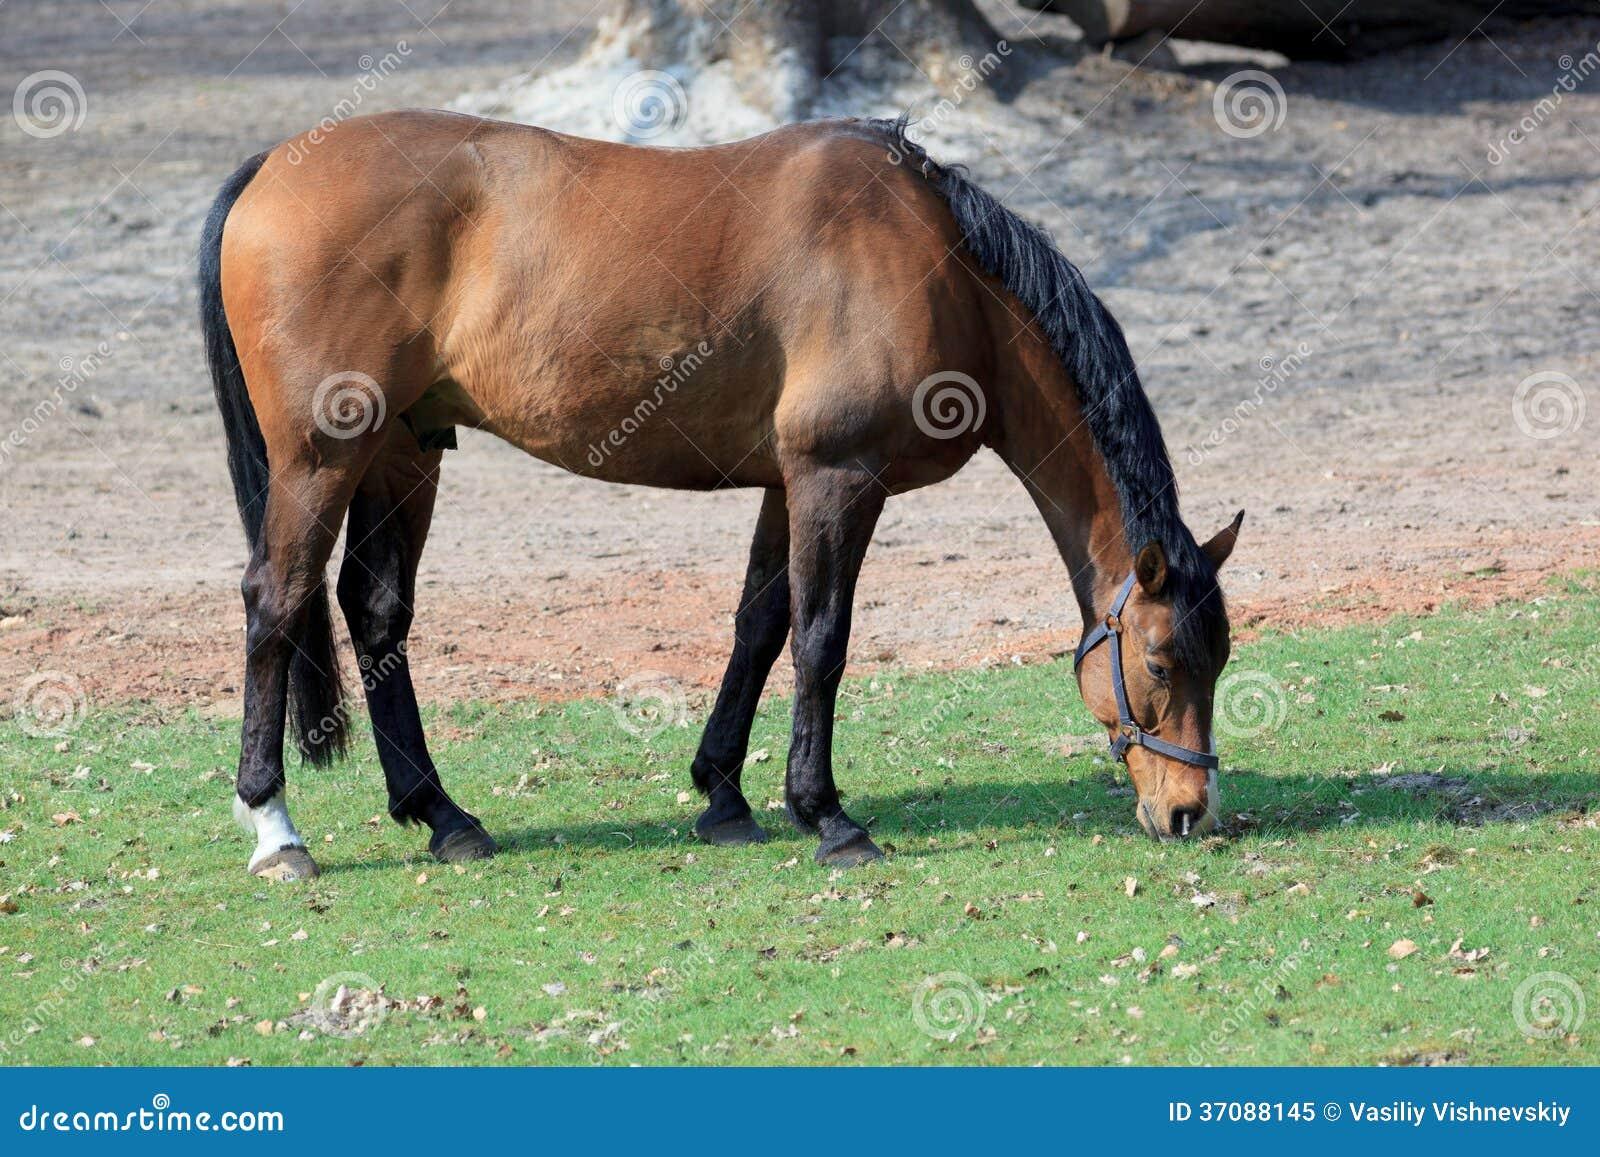 Download Koń. obraz stock. Obraz złożonej z domowy, koń, zwierzę - 37088145